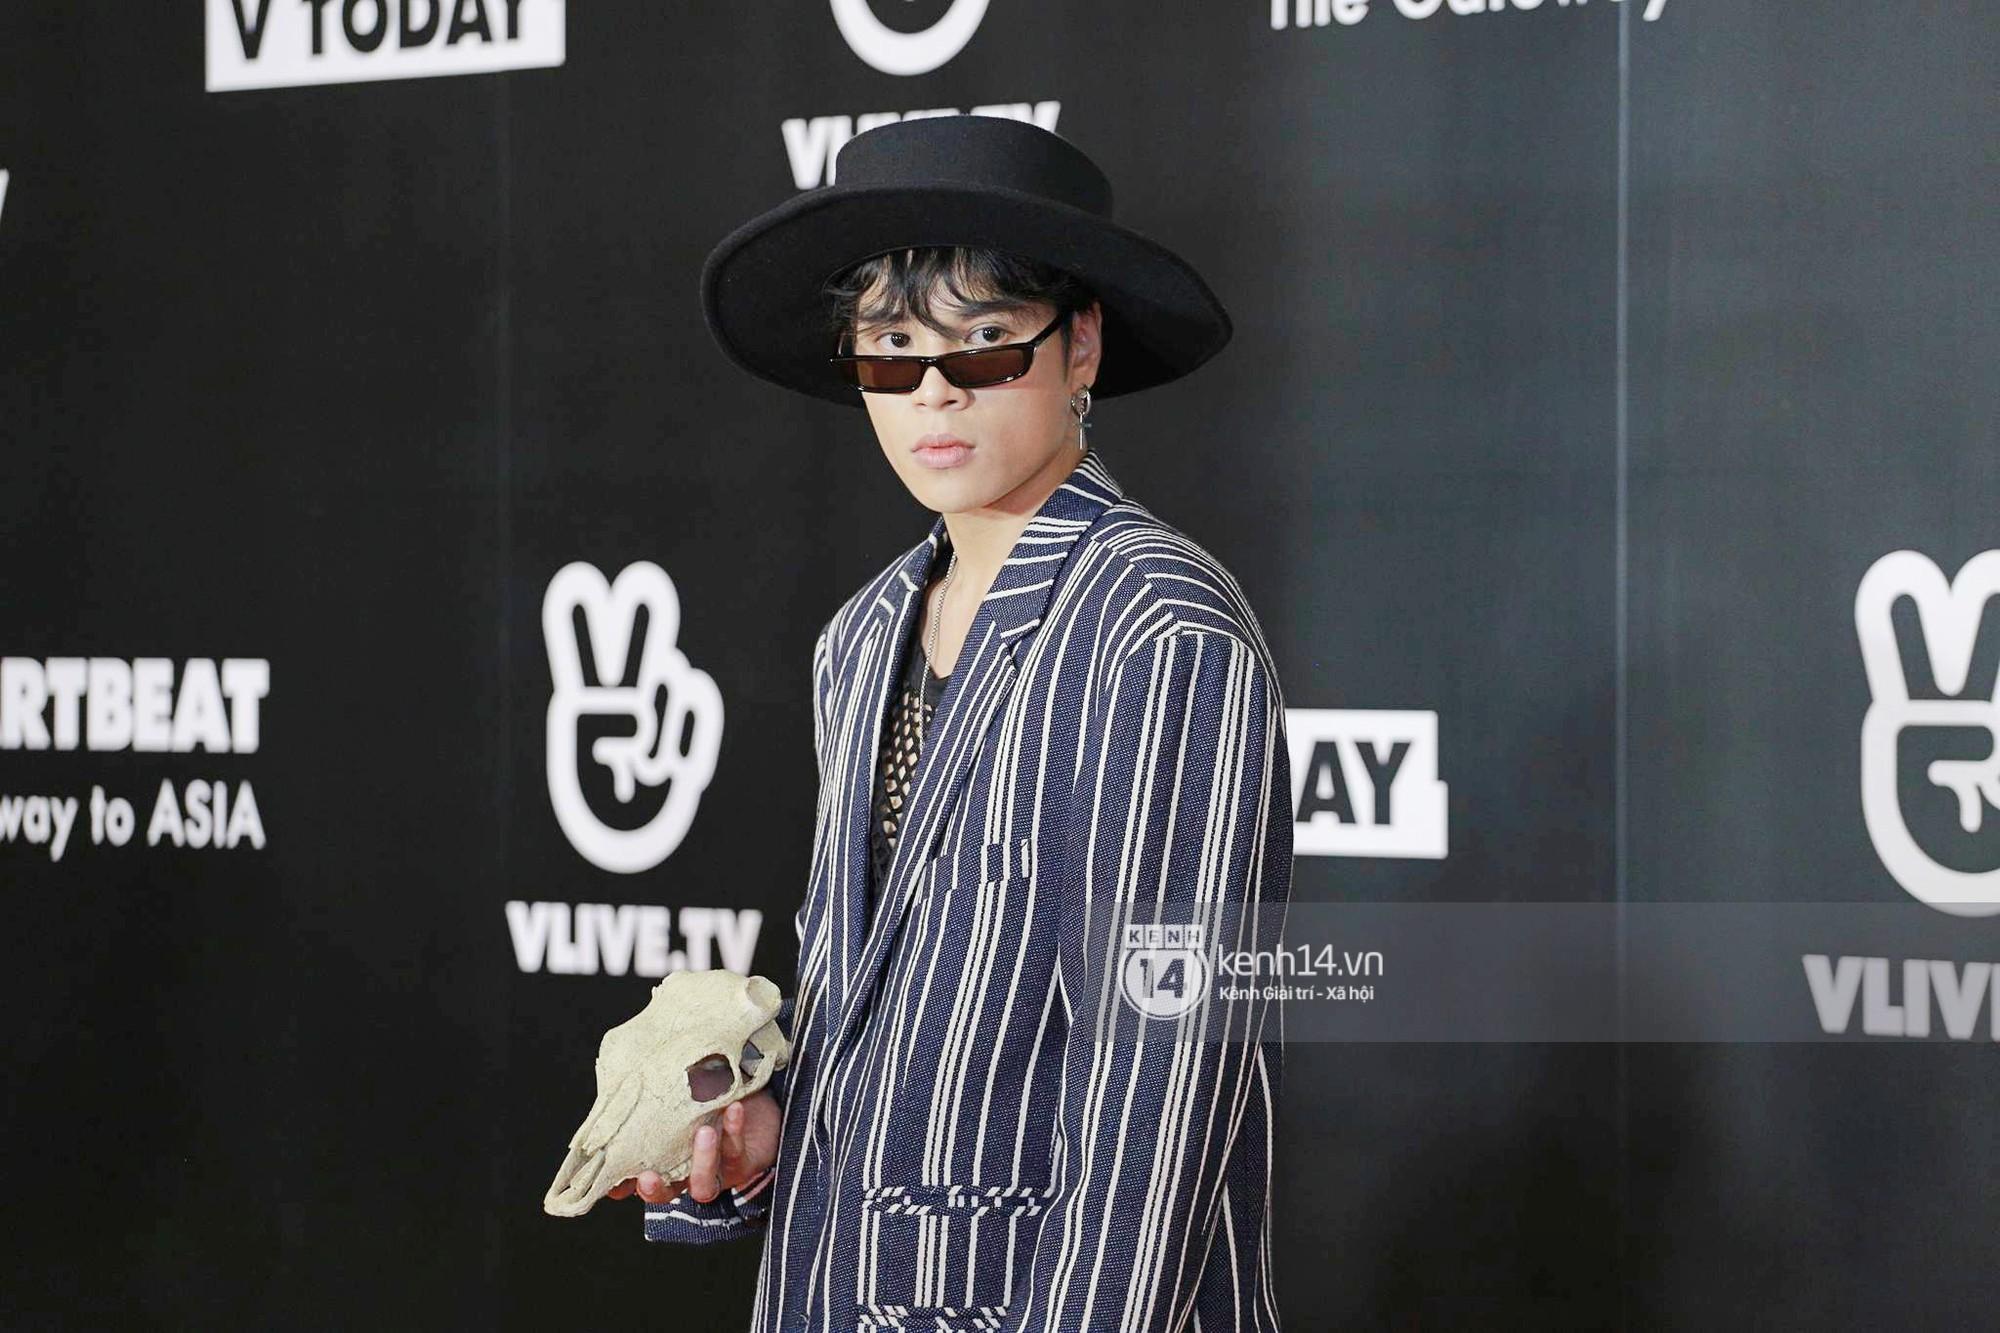 Thảm đỏ đêm nhạc Hàn-Việt: Jung Hae In, WINNER đẹp trai cực phẩm, Chi Pu và Hòa Minzy đọ sắc cùng loạt sao Việt - Ảnh 21.